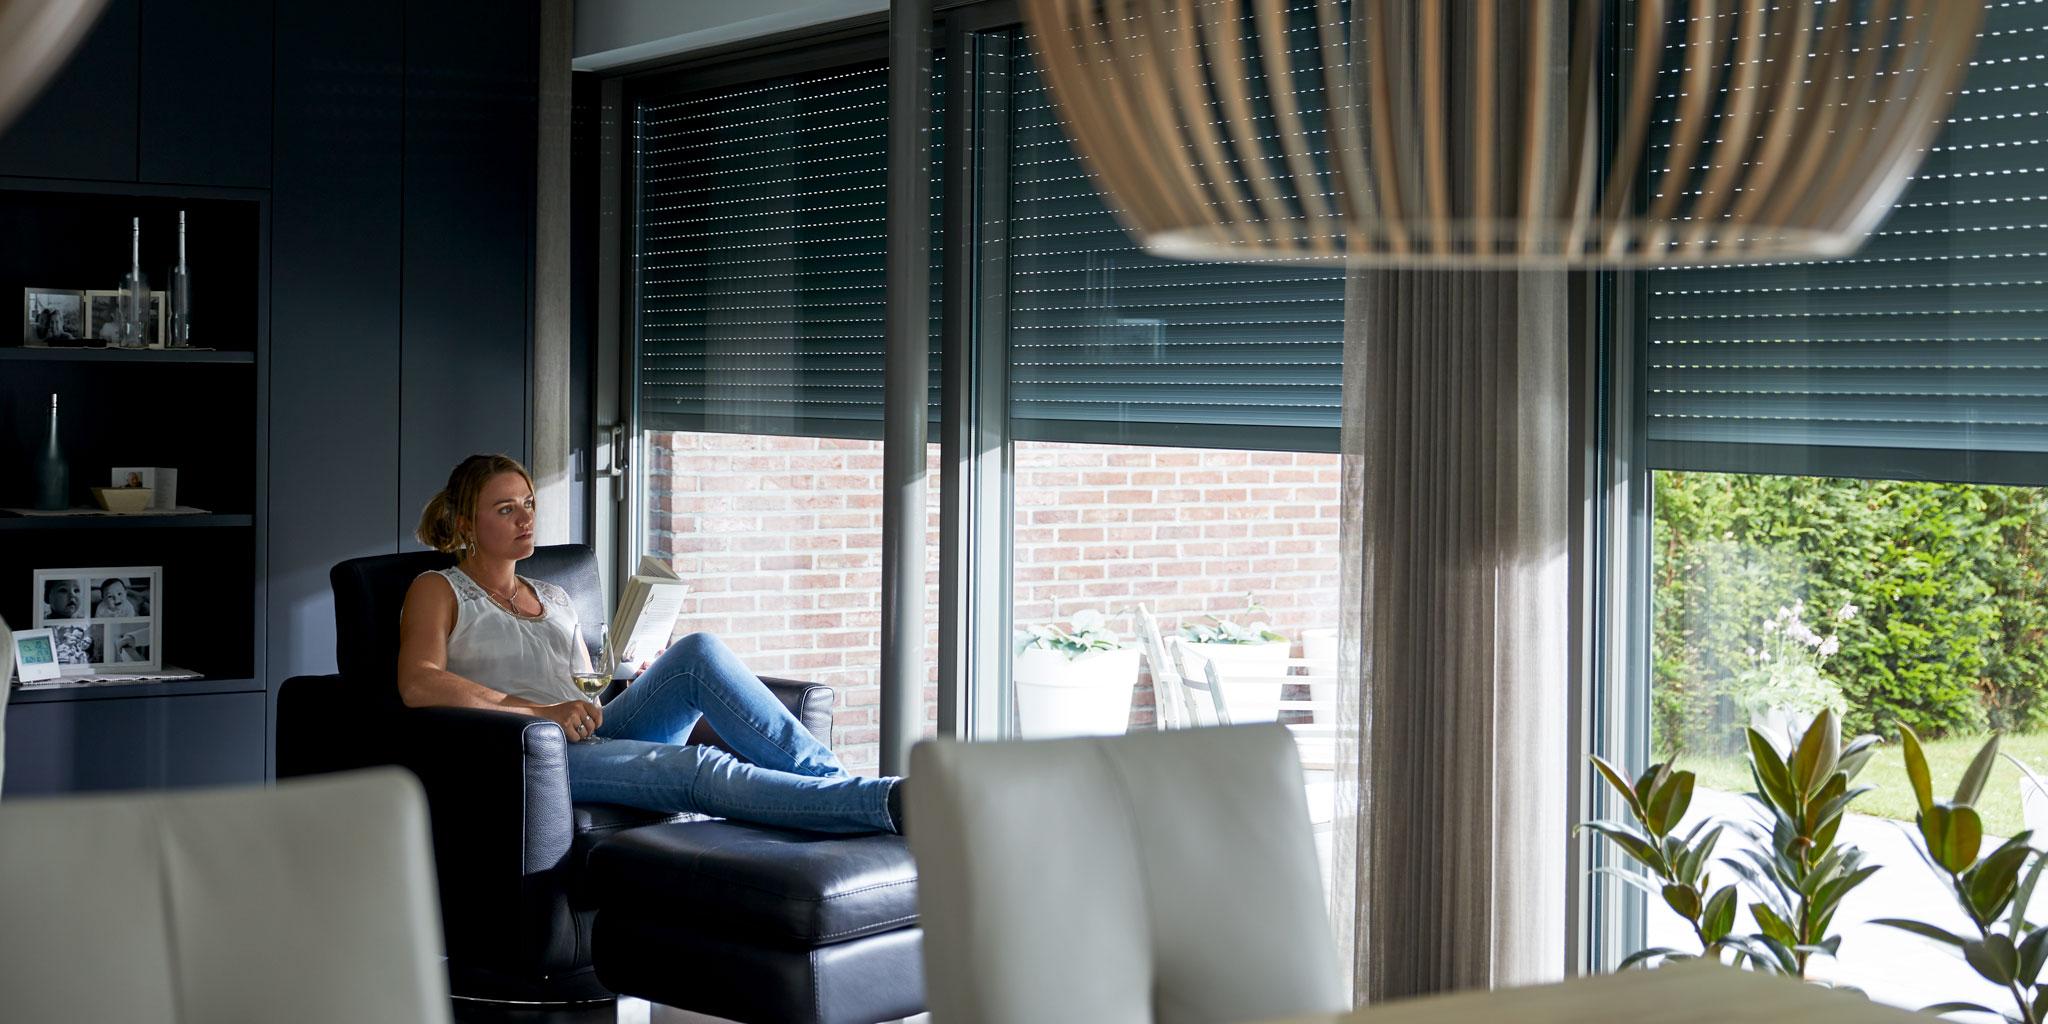 Femme assise sur une chaise avec un livre à la main